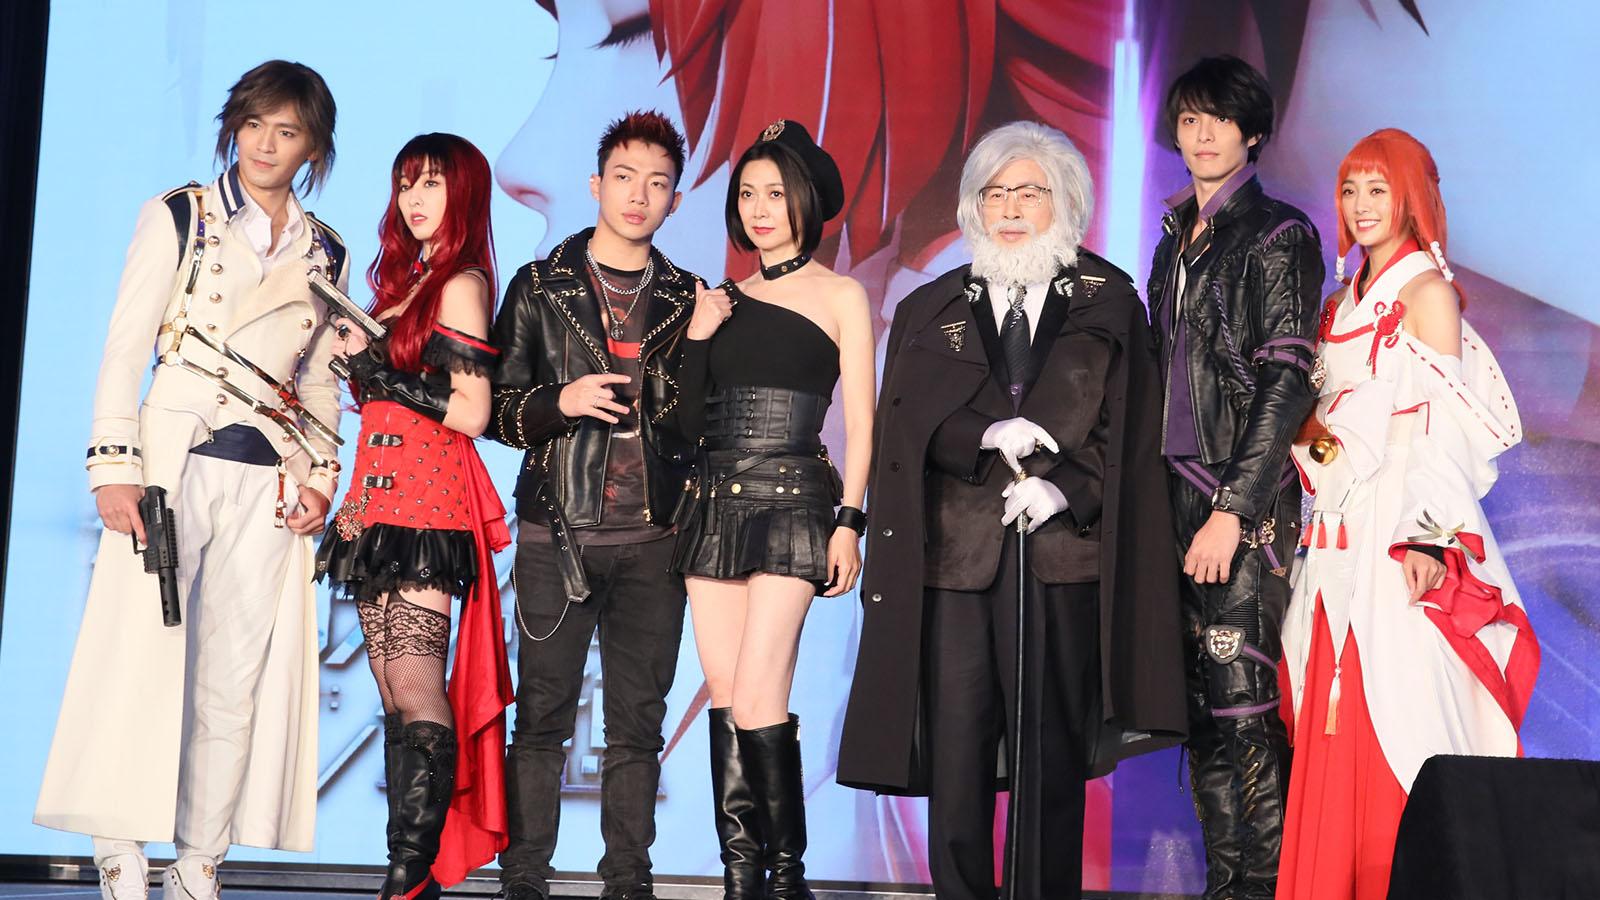 MMORPG手遊《龍族幻想》9月18日雙平台火熱上市 金曲新人王ØZI獻唱專屬主題曲、四大使者青春亮相